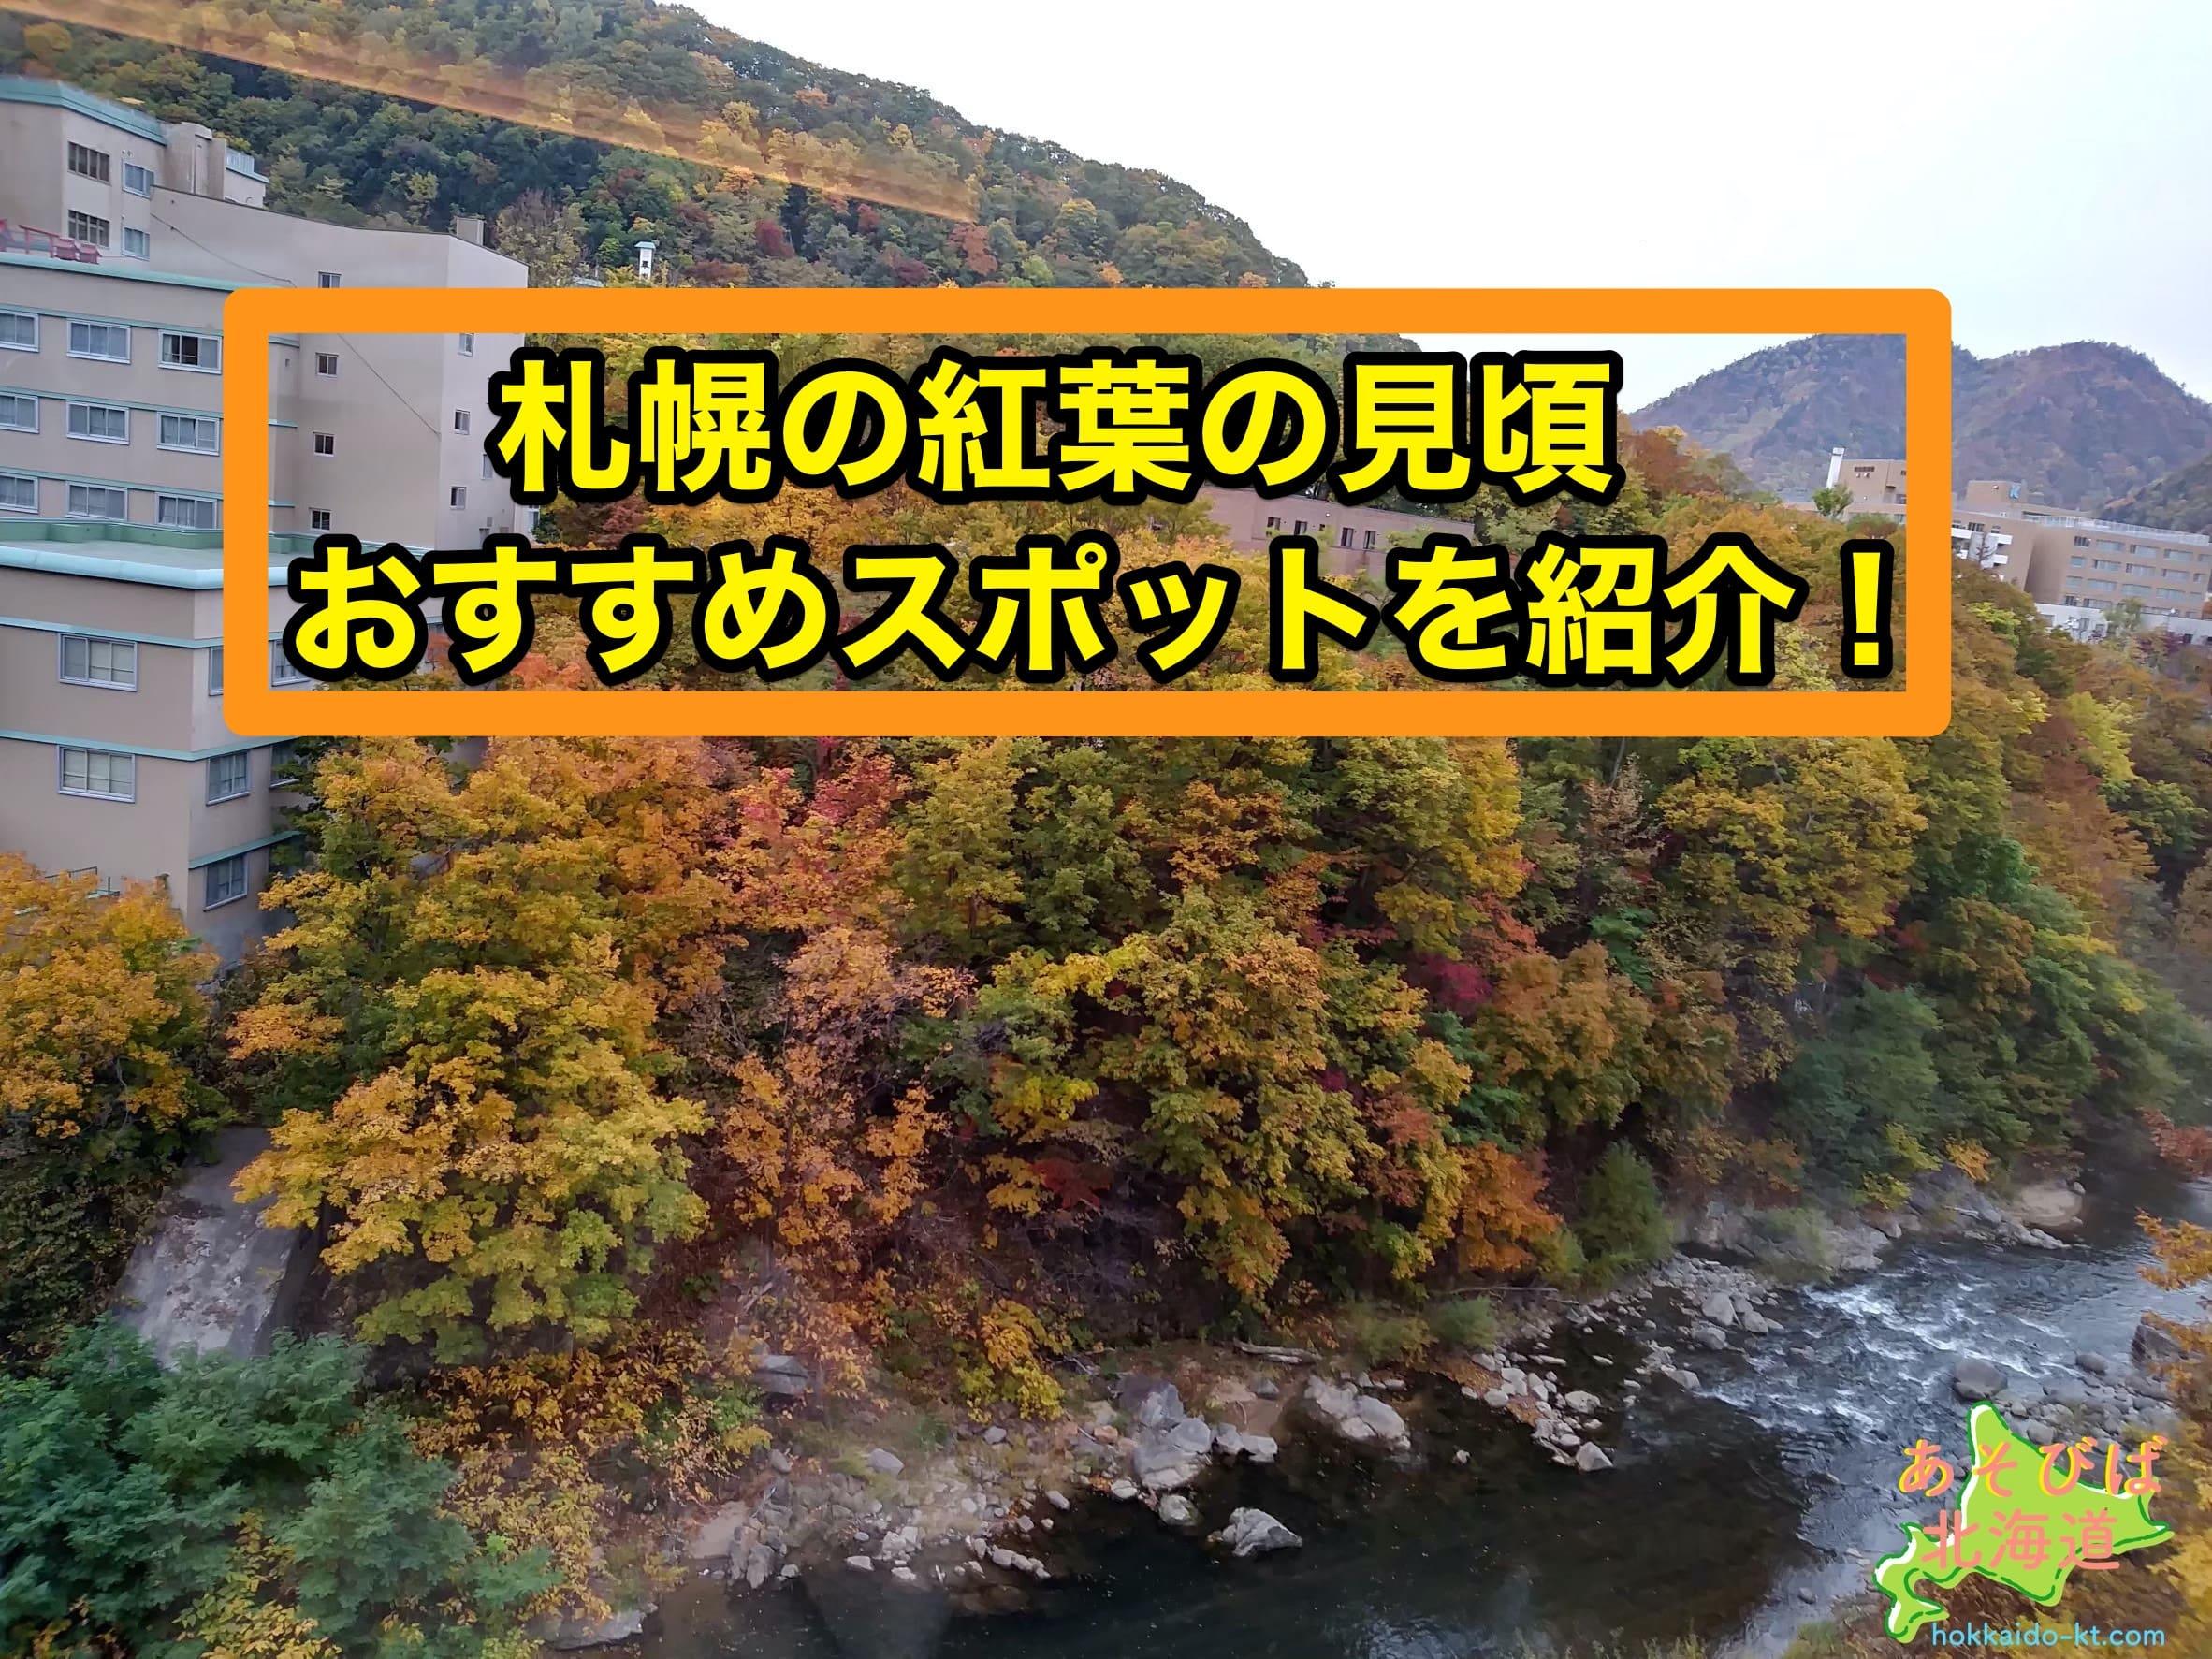 札幌の紅葉の見頃やおすすめスポットを紹介